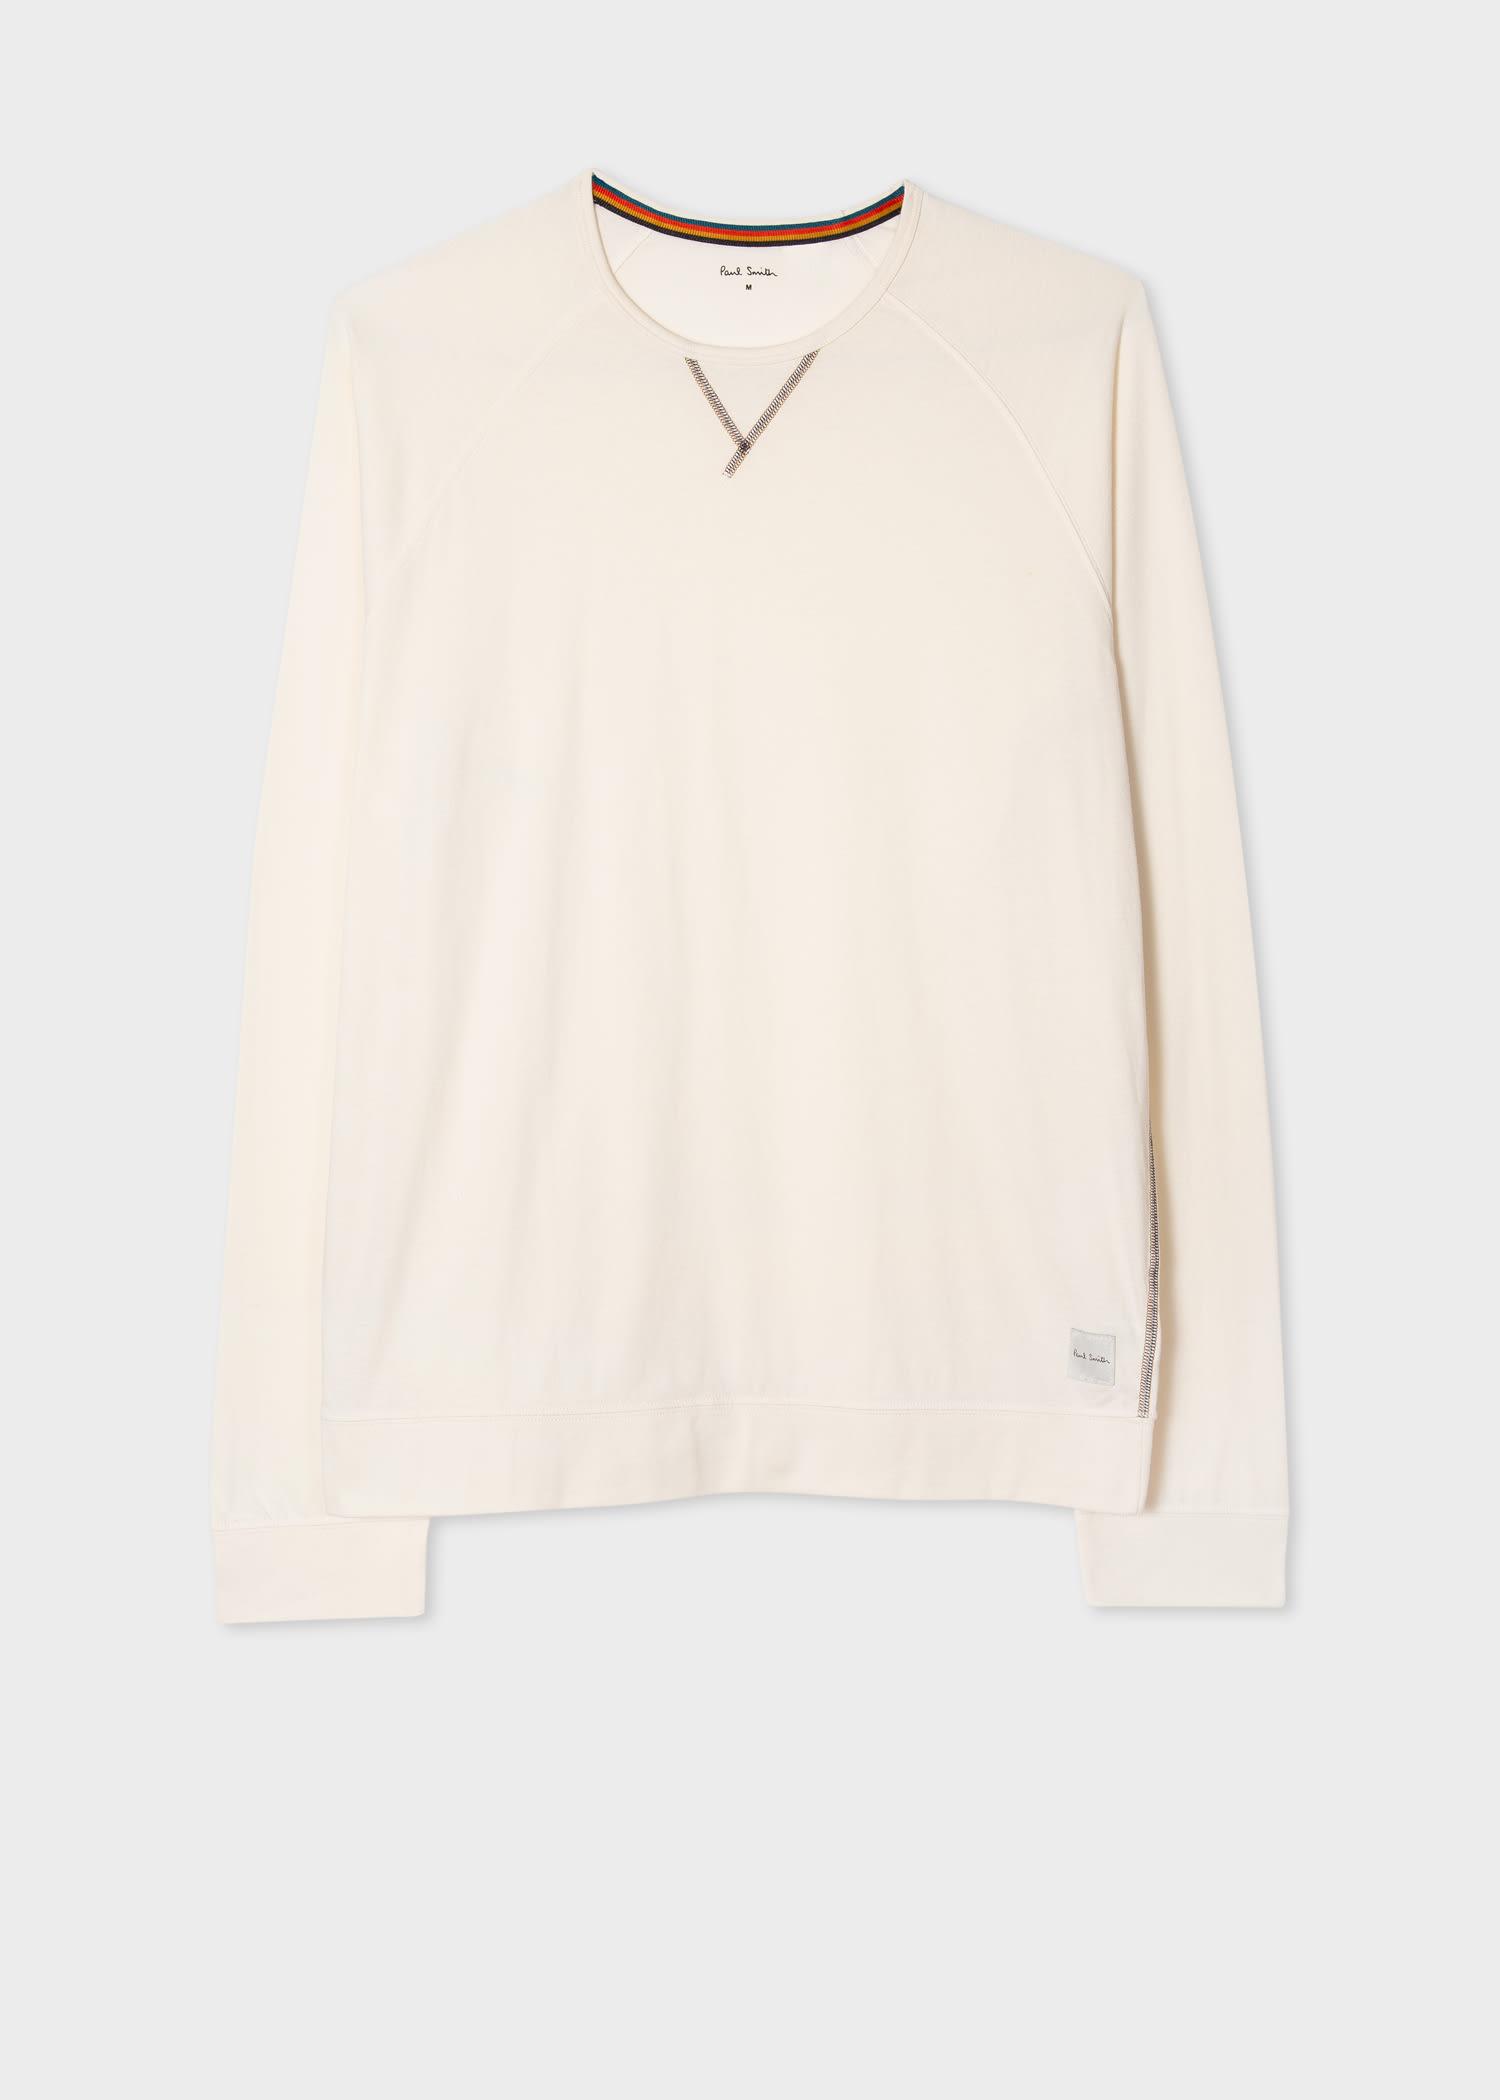 폴 스미스 티셔츠  Paul Smith Mens Ecru Jersey Cotton Long-Sleeve Top